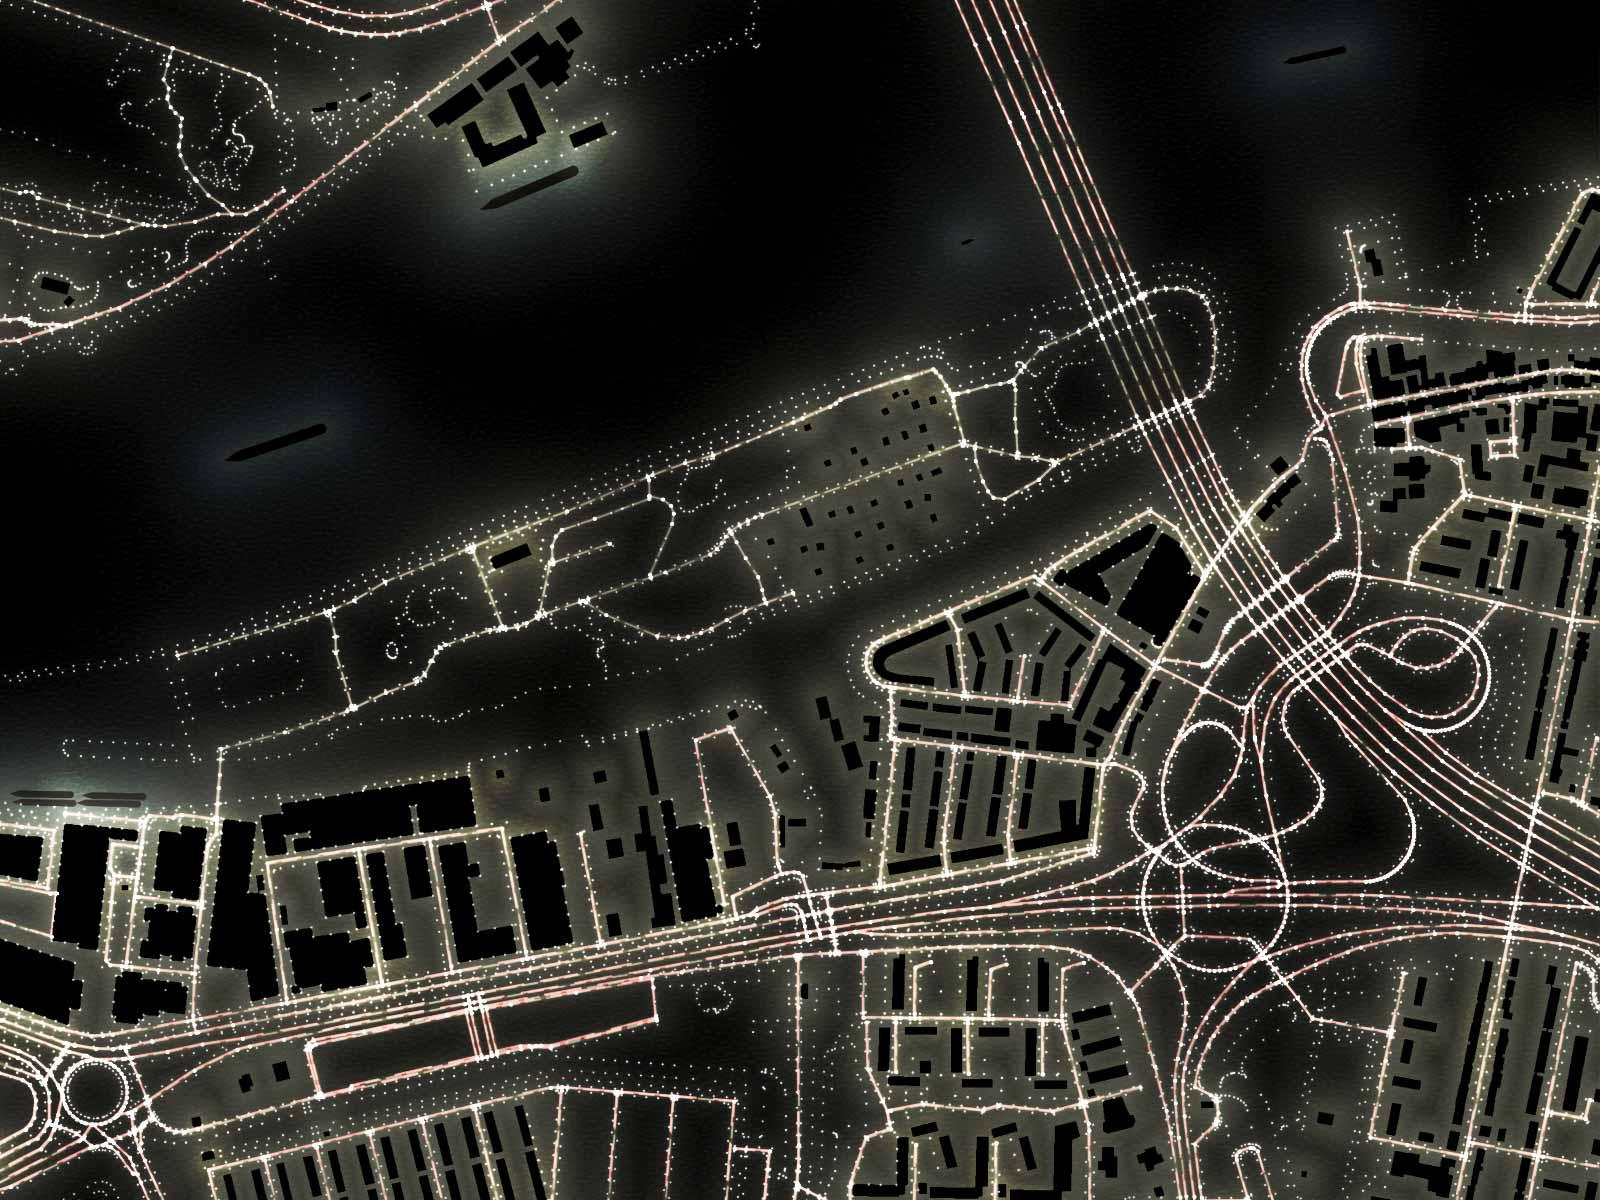 Detail van de lichtkaart van Rotterdam, ingezoomd op het eiland van Brienenoord en omgeving met onder andere de gelijknamige brug met verkeersknooppunt.